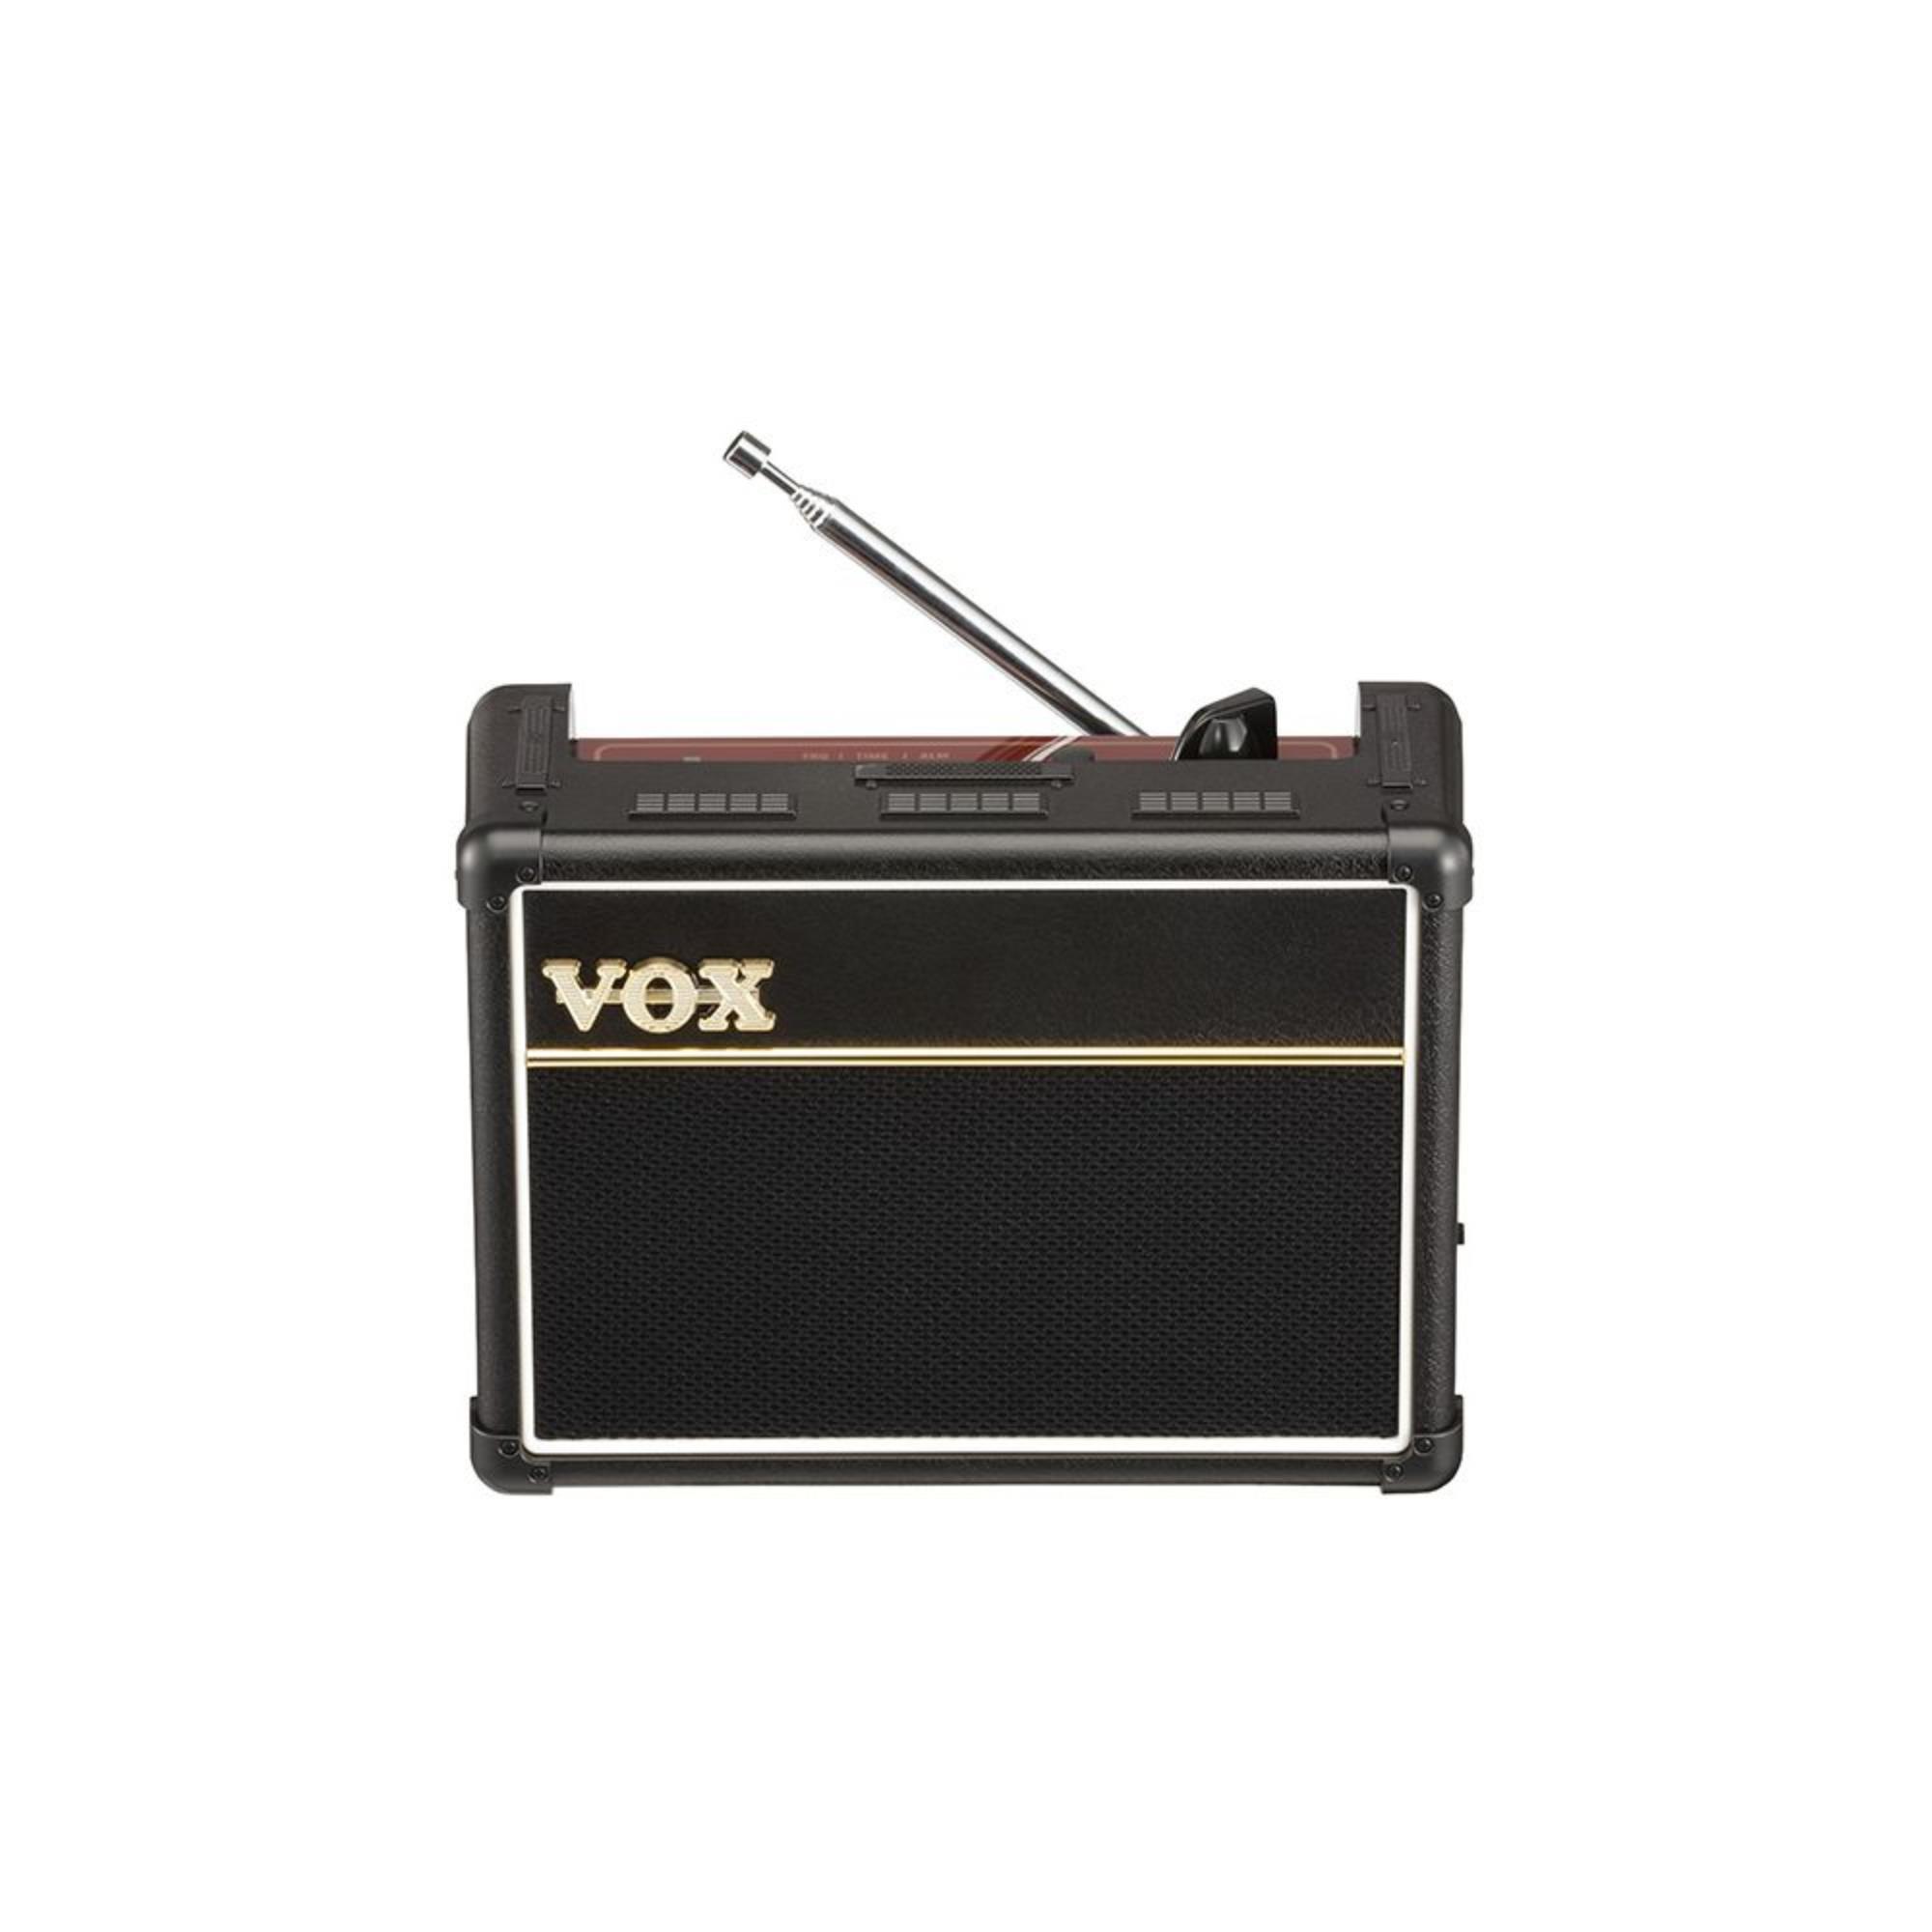 VOX-AC30-RADIO-FM-sku-24413